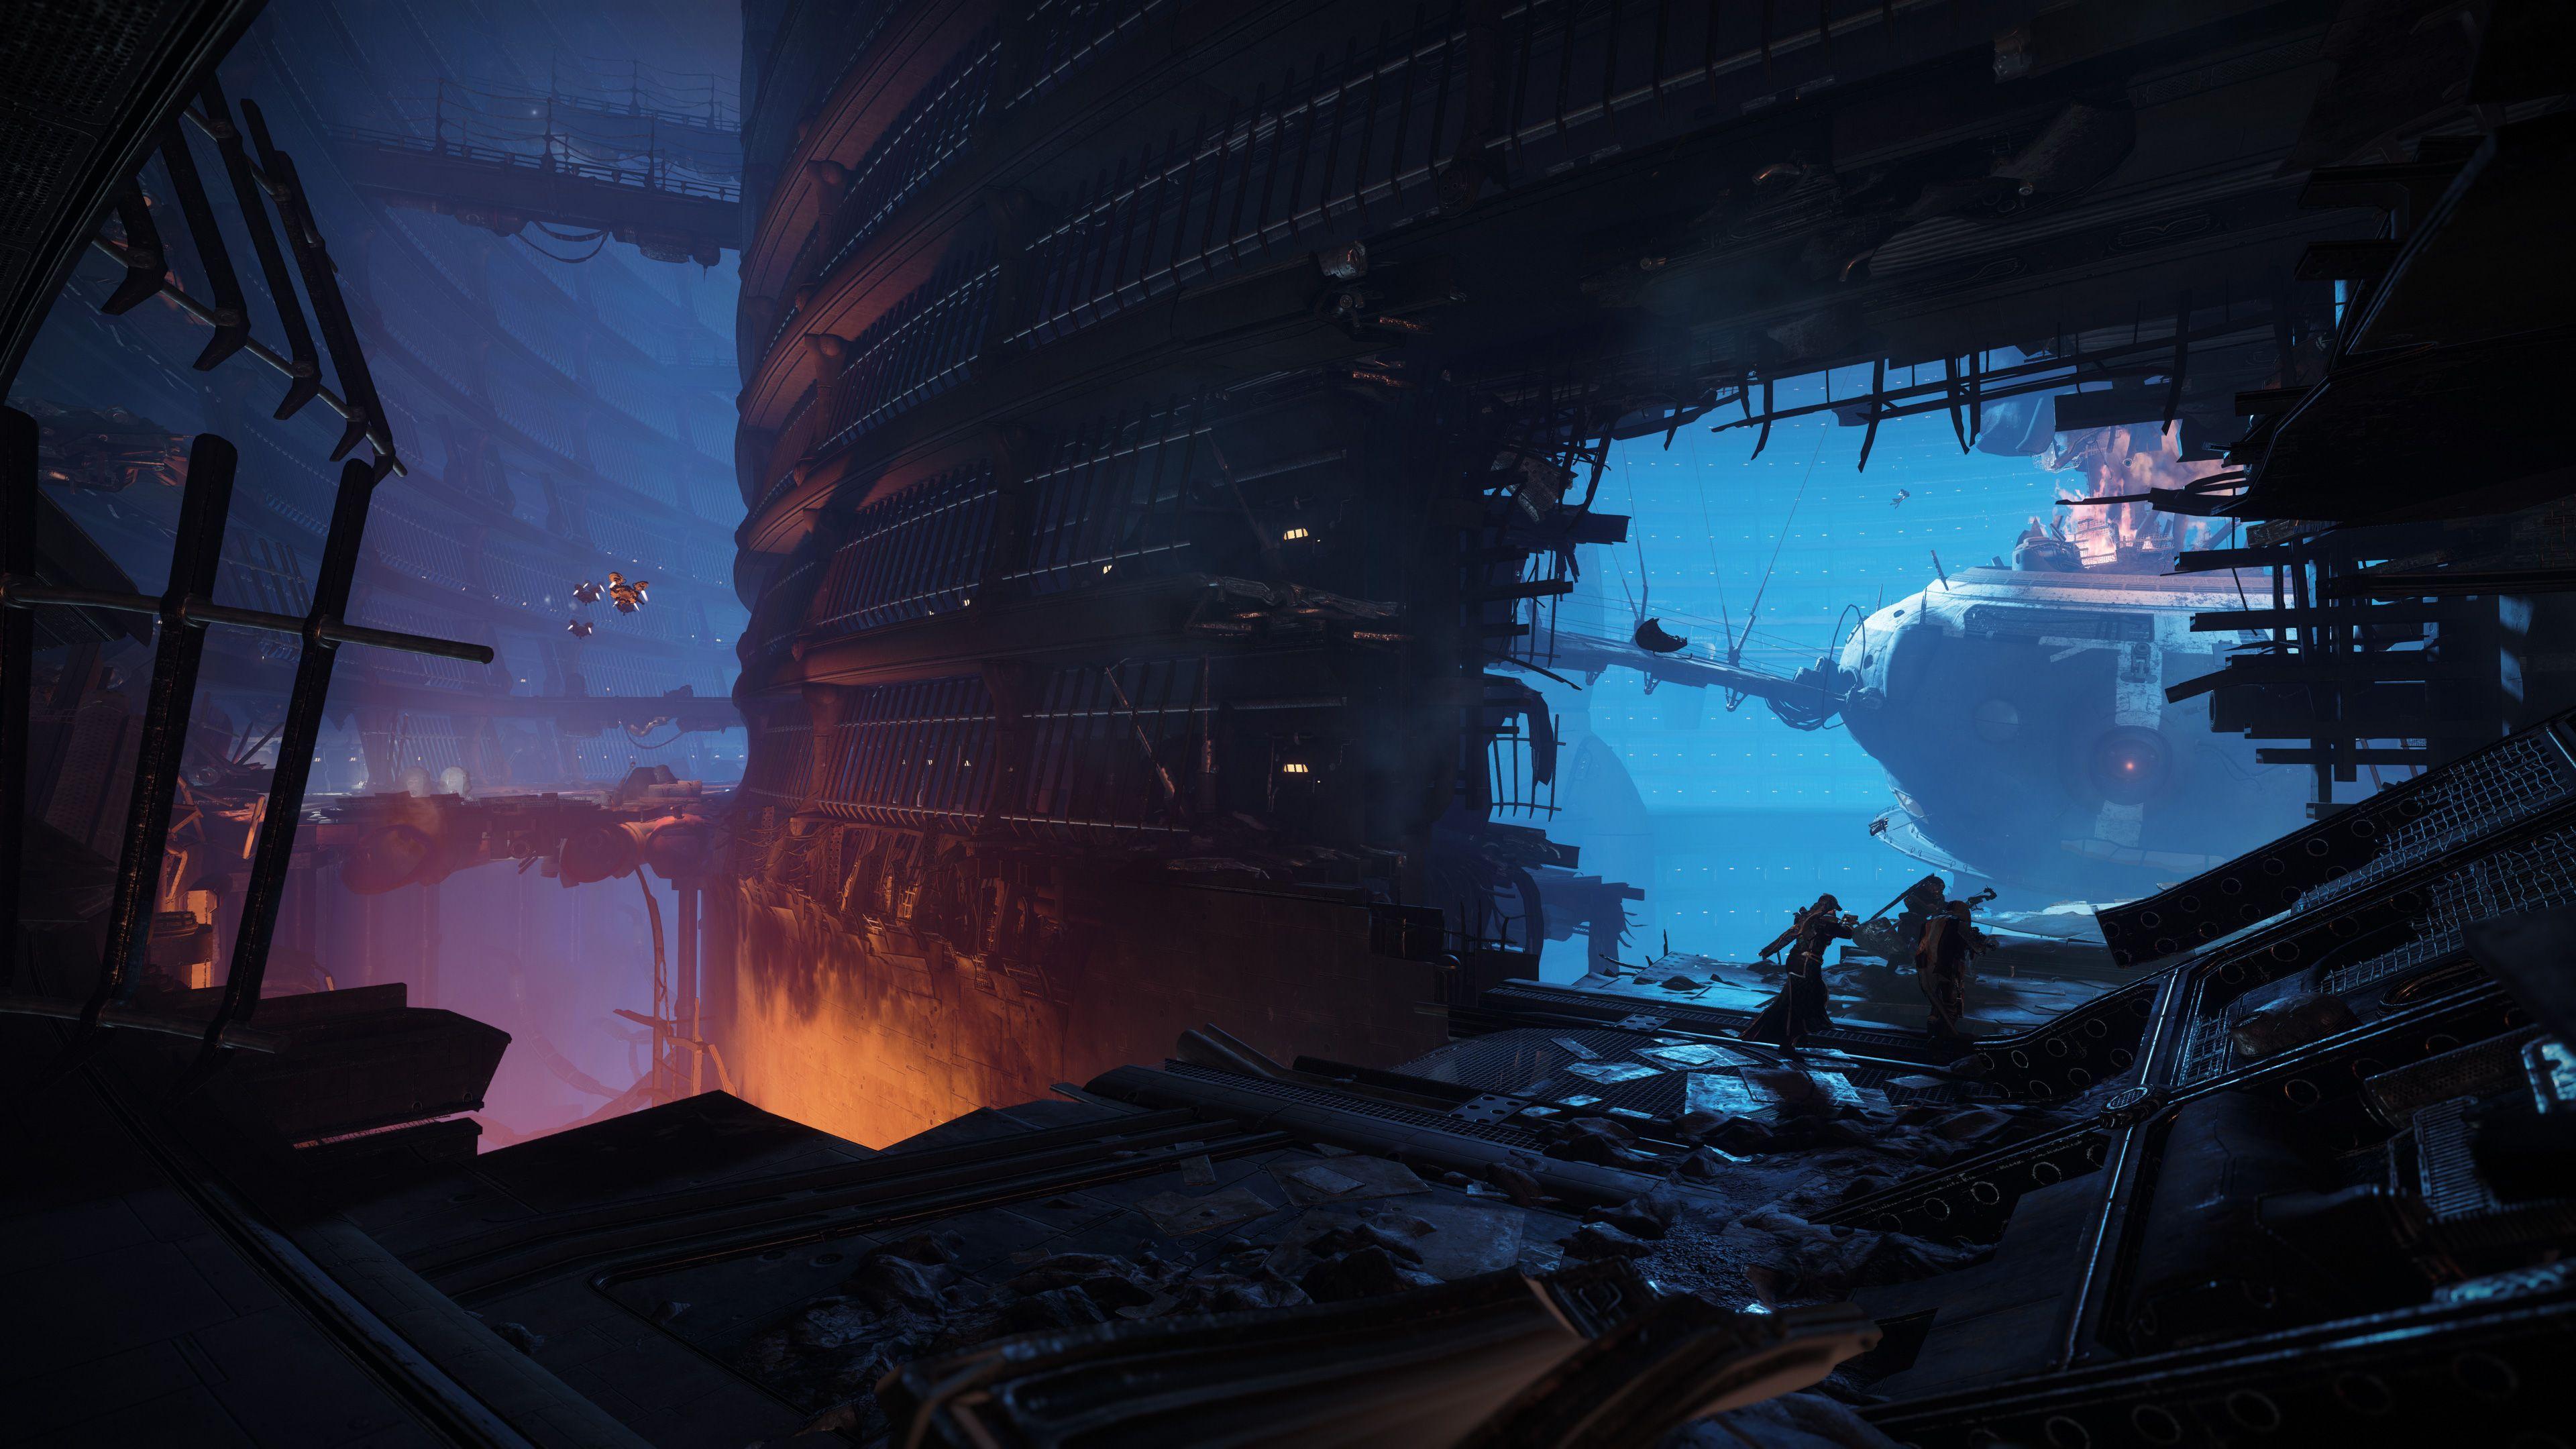 Destiny 2 Pc Wallpaper: Destiny 2 Forsaken DLC Wallpapers